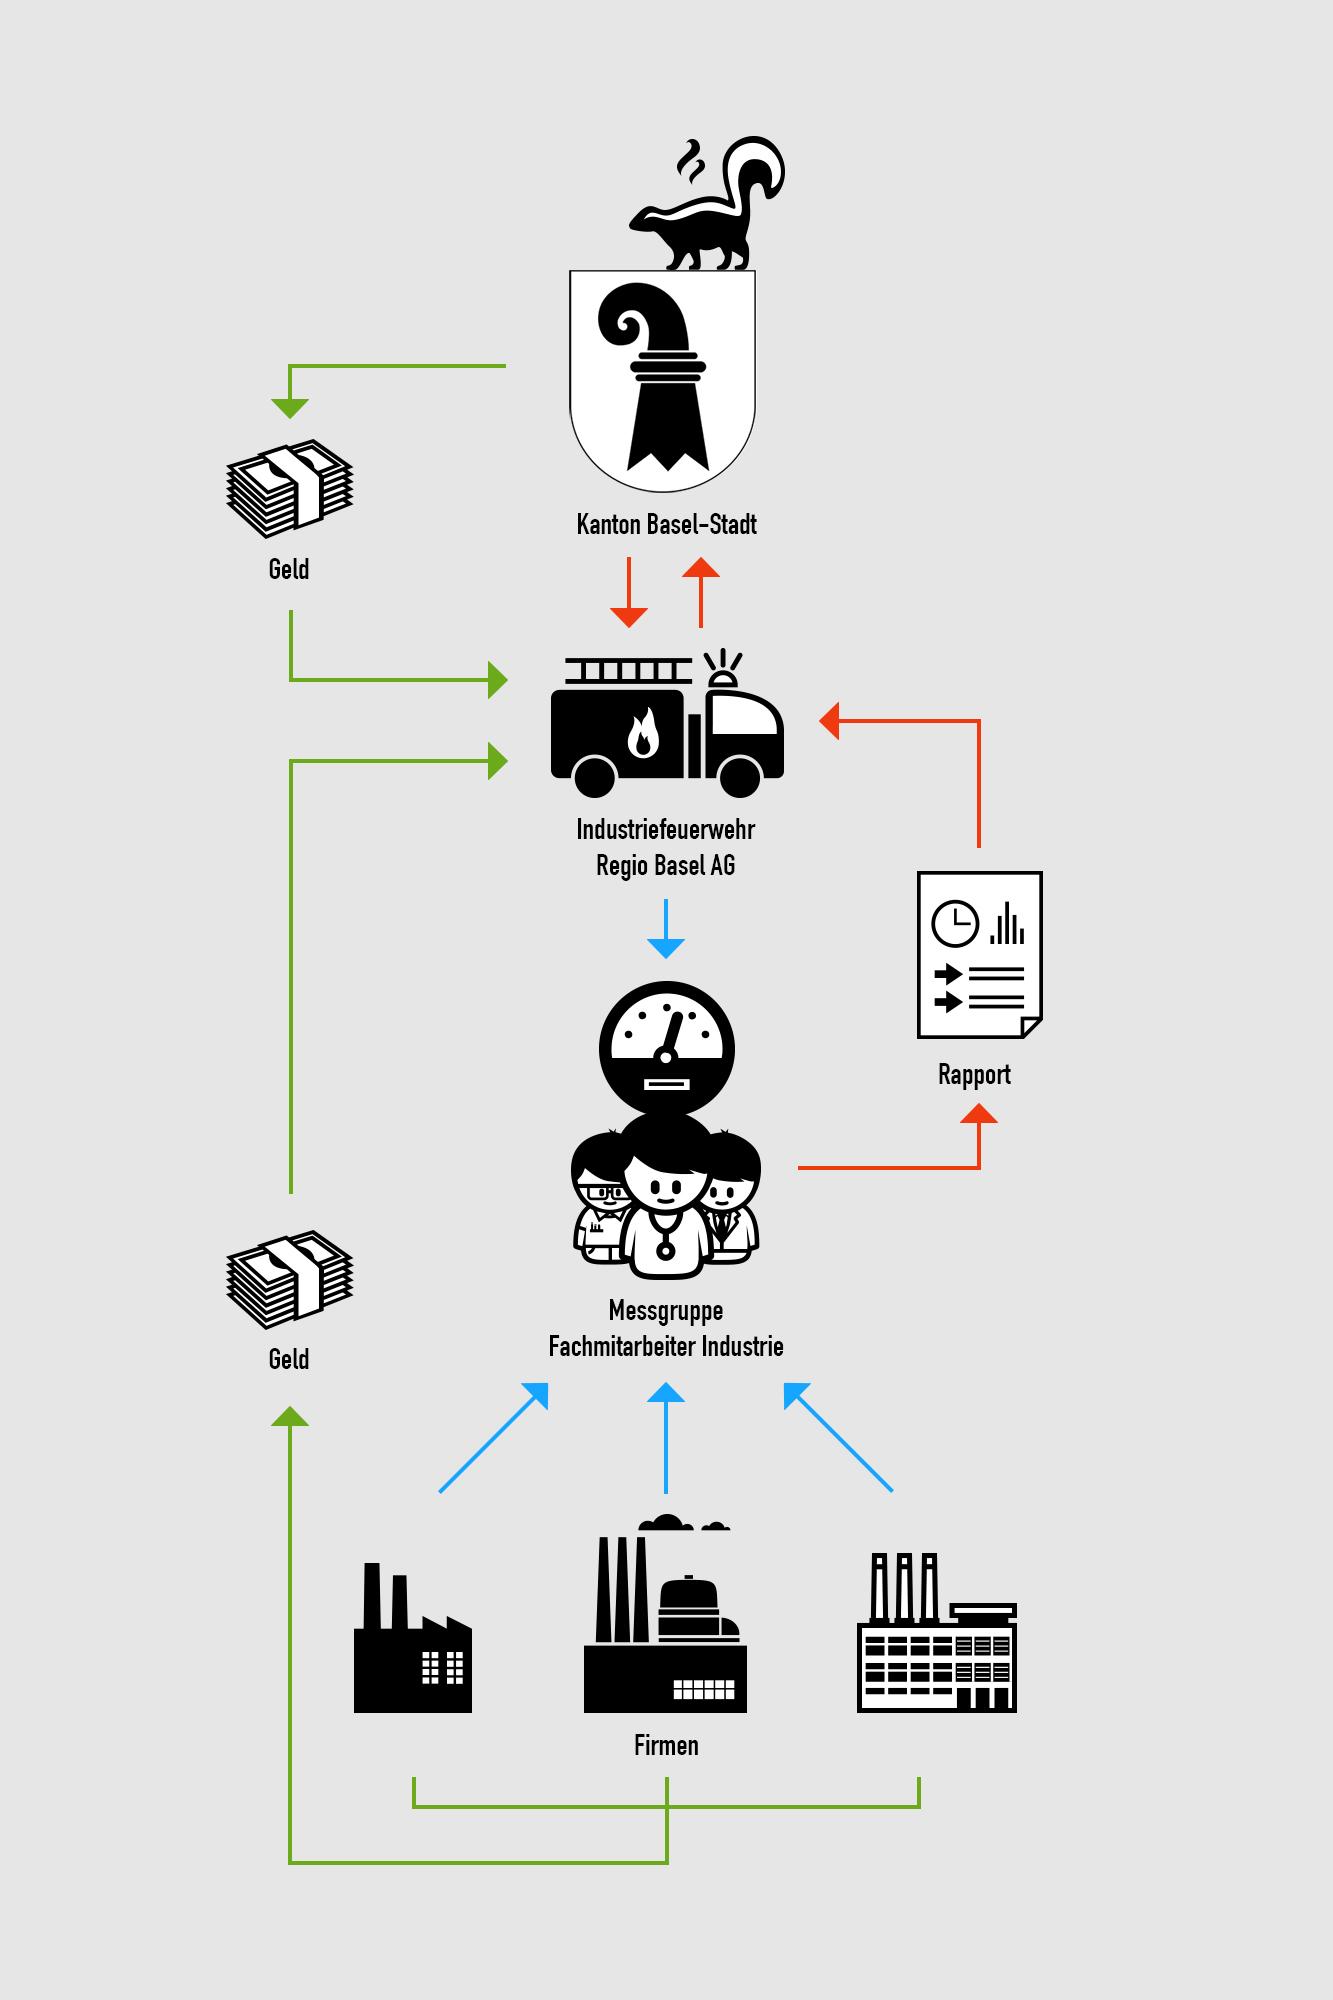 So einfach wie möglich dargestellt – und irgendwie doch nicht einfacher: die Organisation beim Falle eines Chemieunfalls.